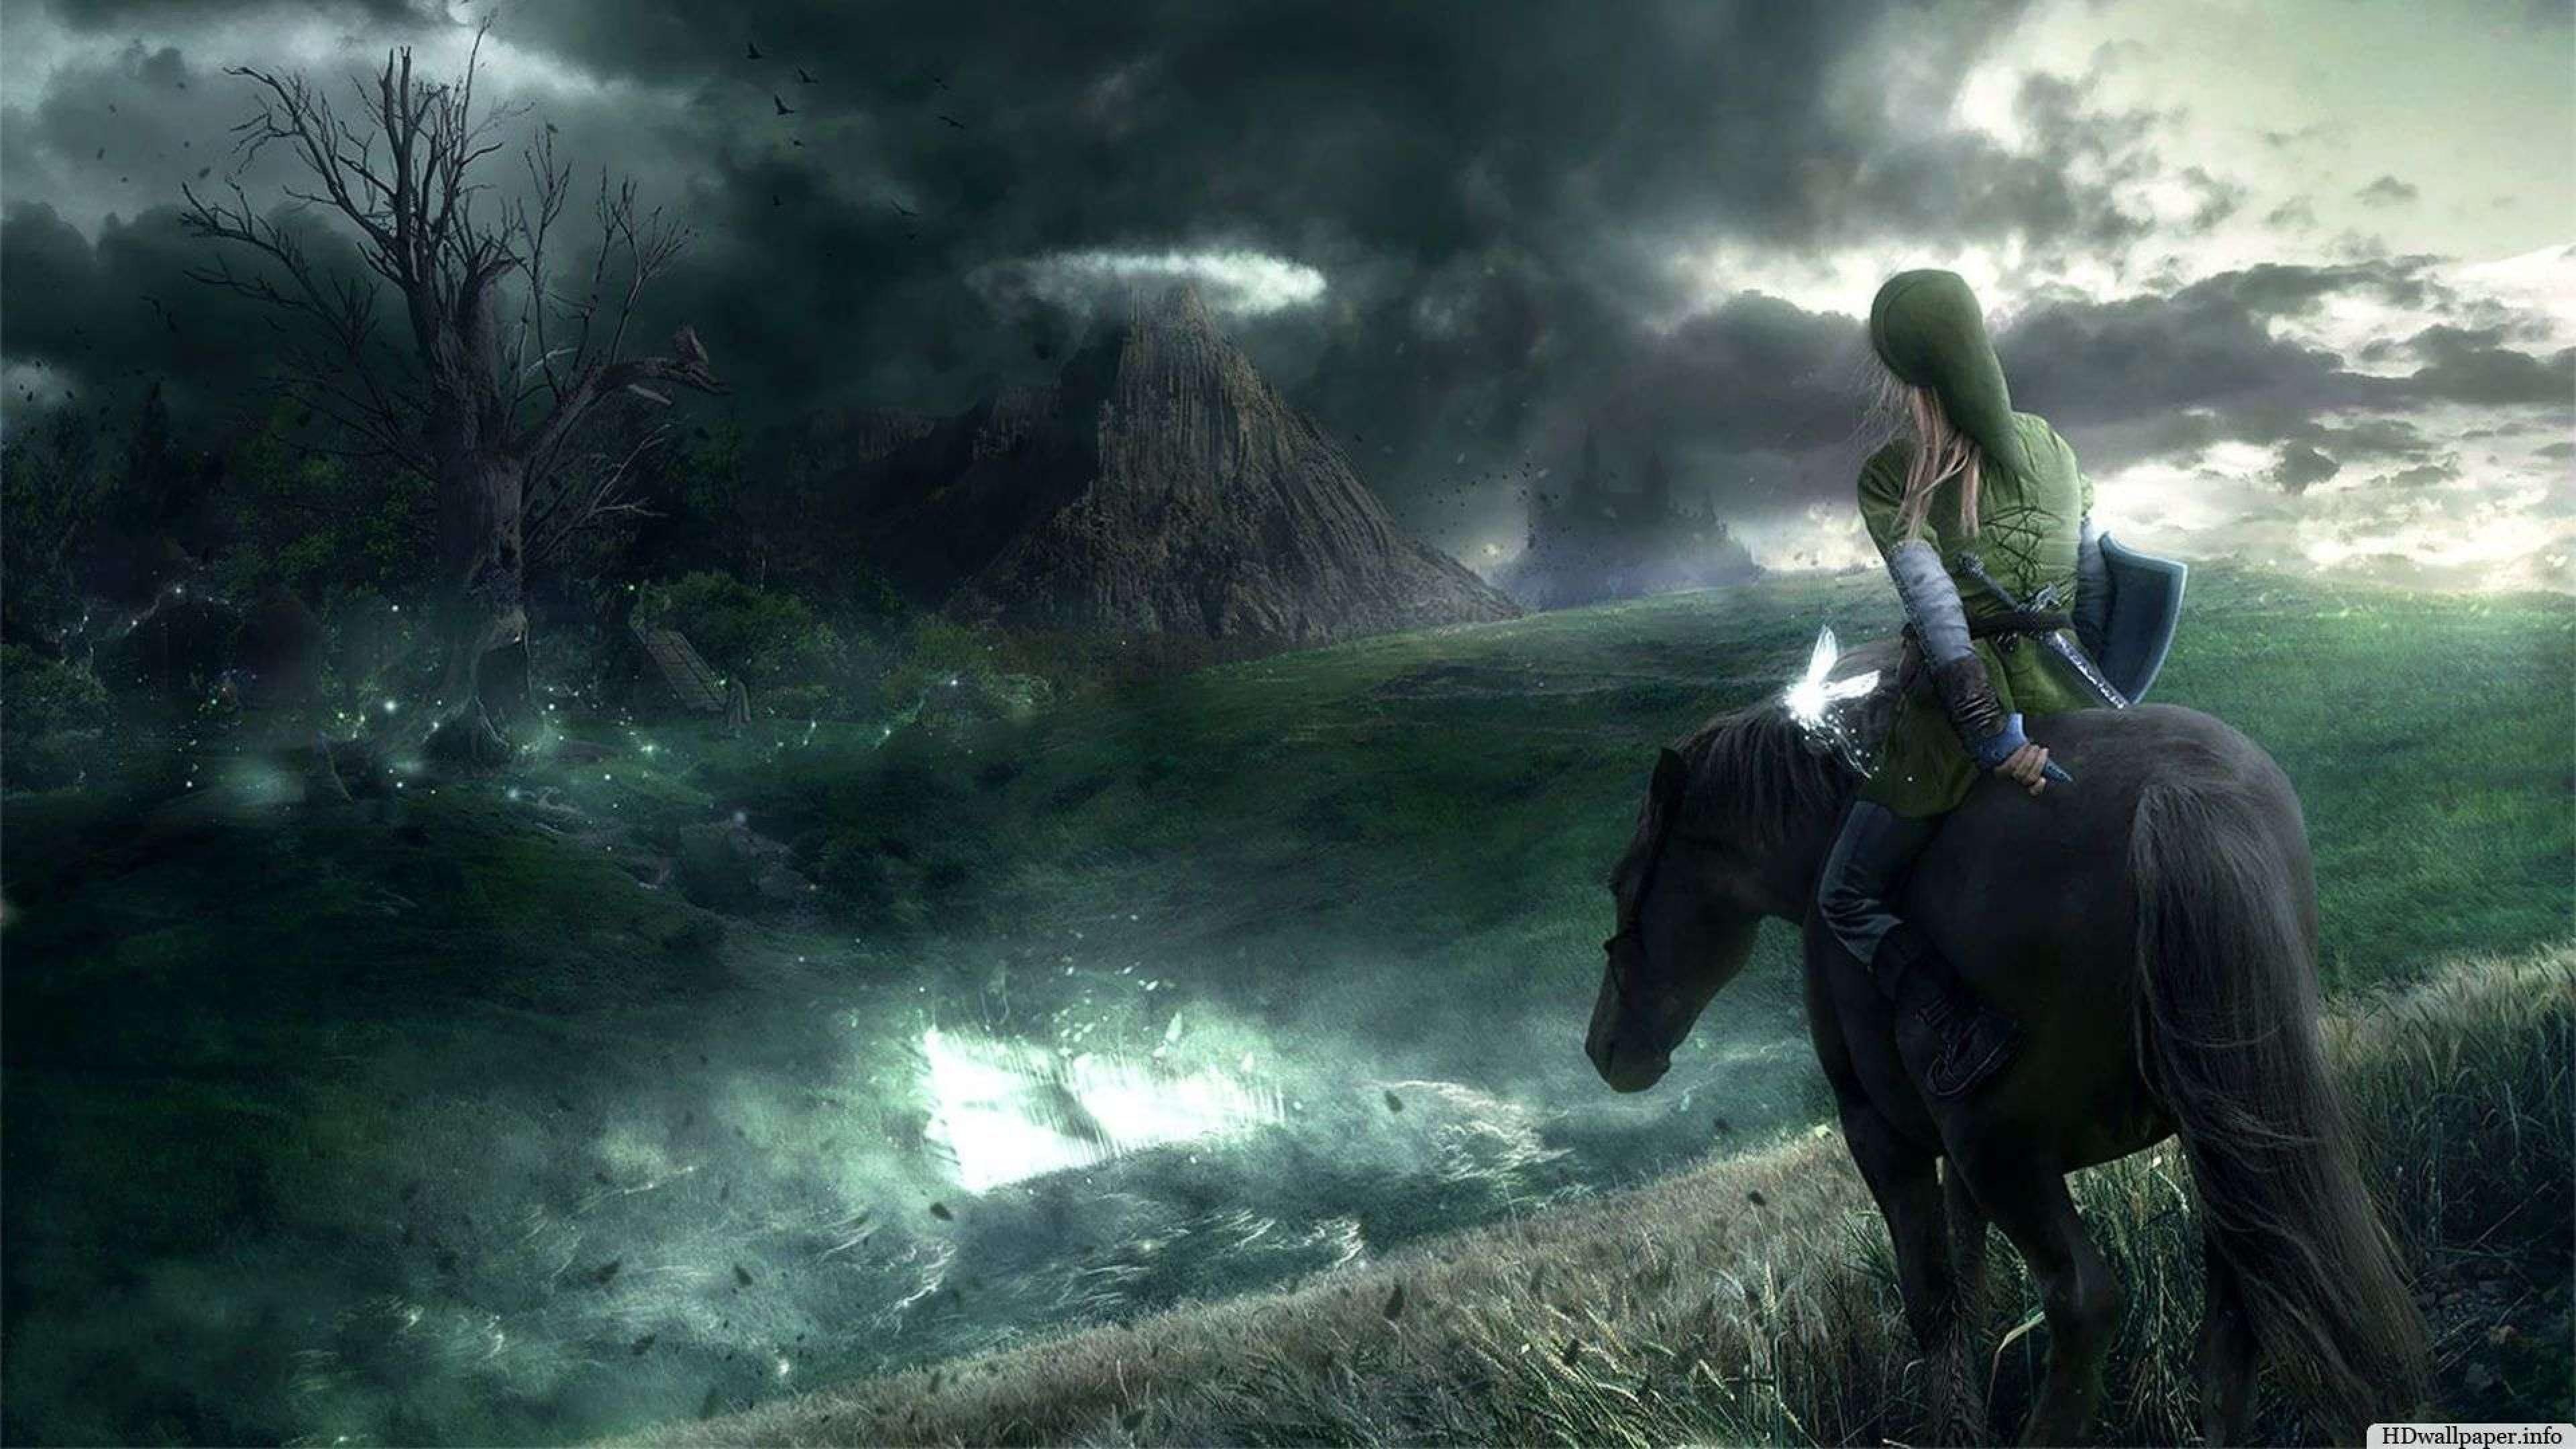 The Legend Of Zelda Wallpaper Hd